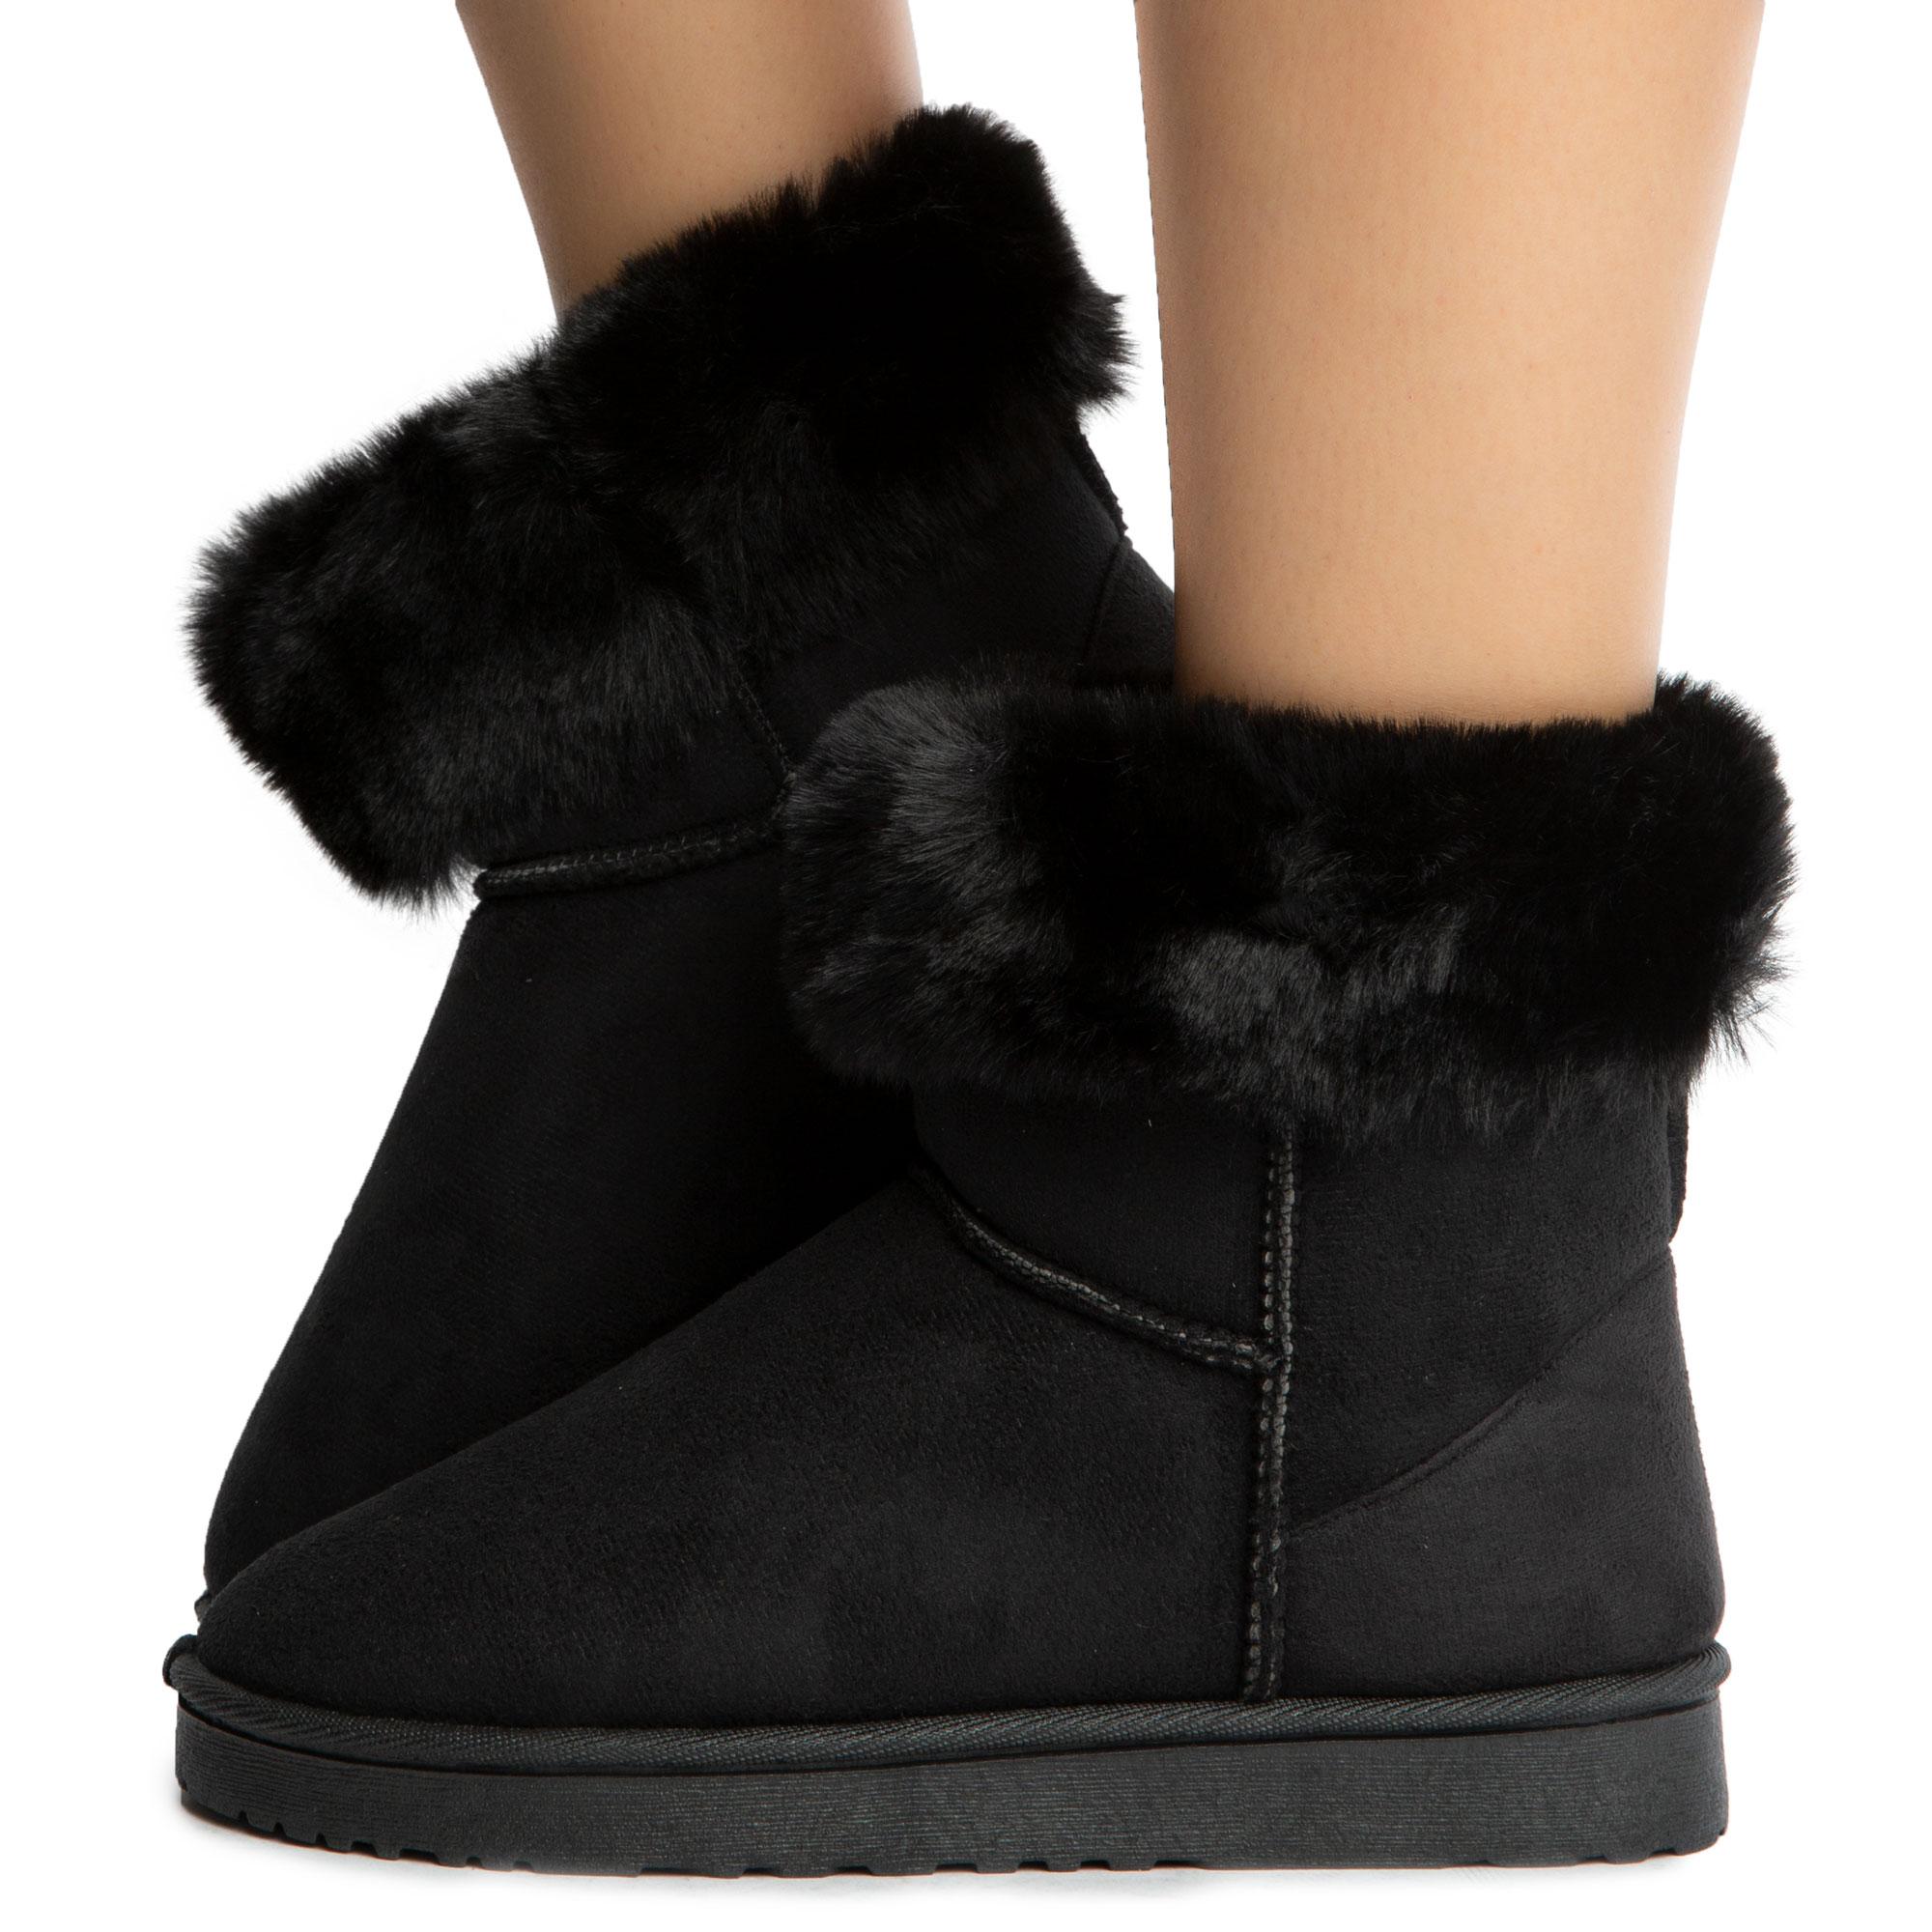 Kozy-R001 Fur Boots Black Suede